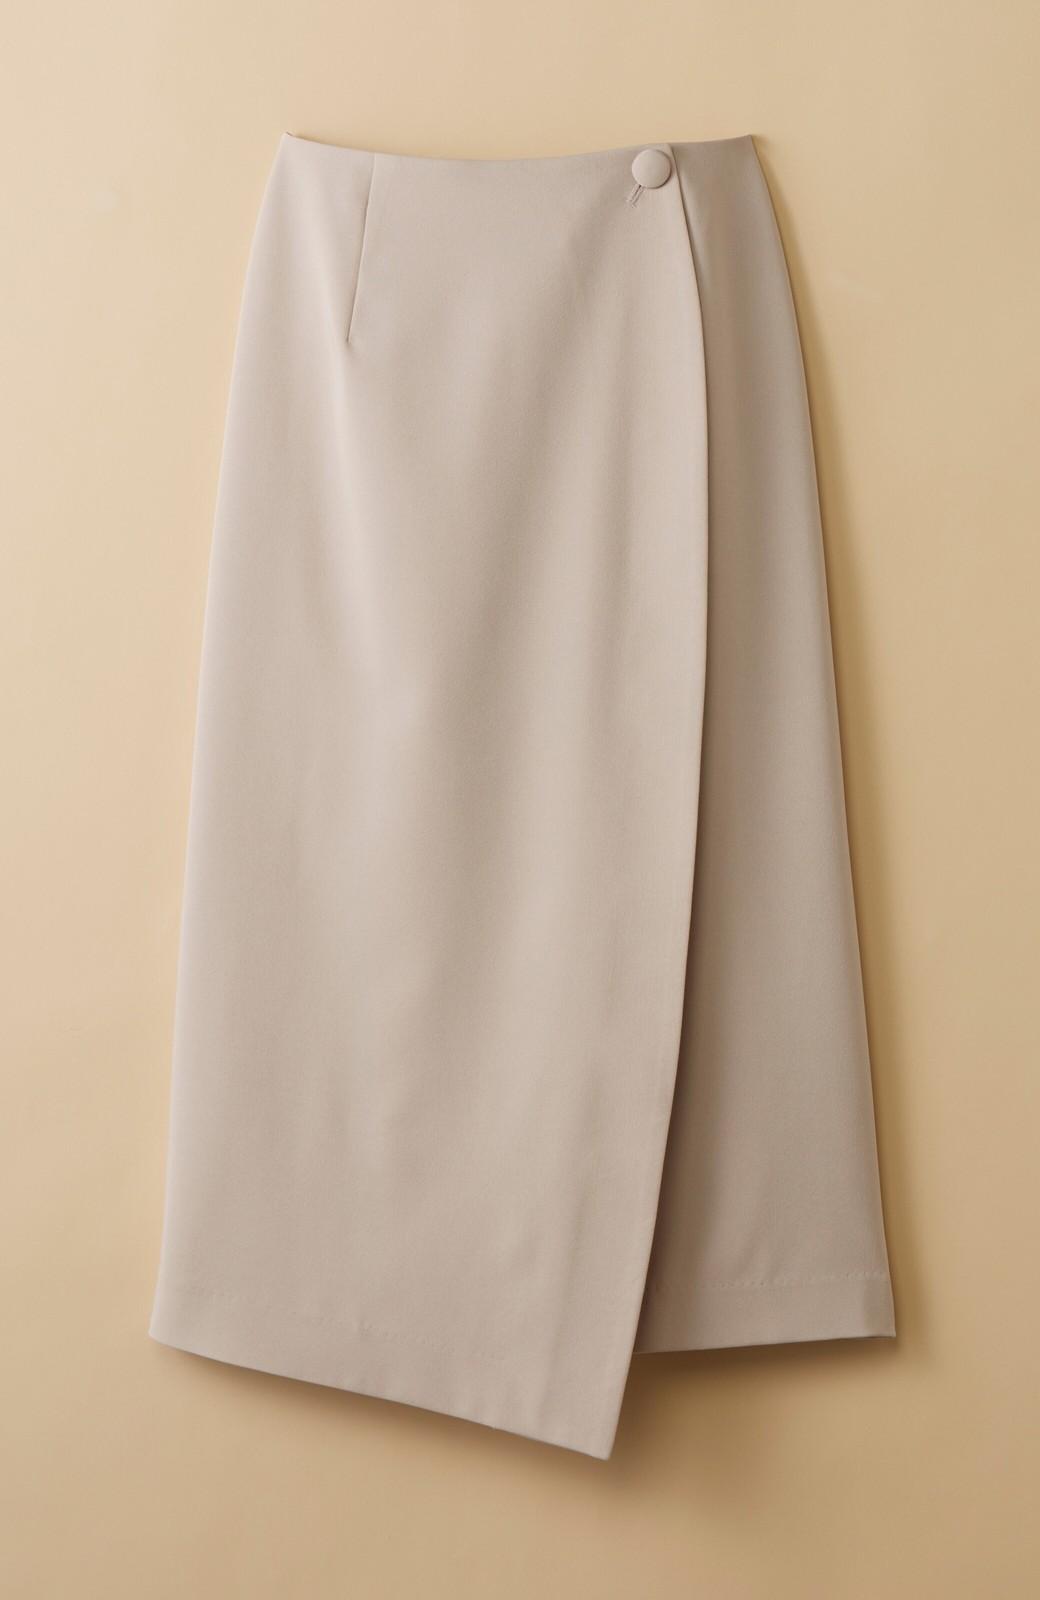 haco! いざというとき困らないための 大人のフォーマルジャケット・スカート2点セット by que made me <ベージュ>の商品写真4